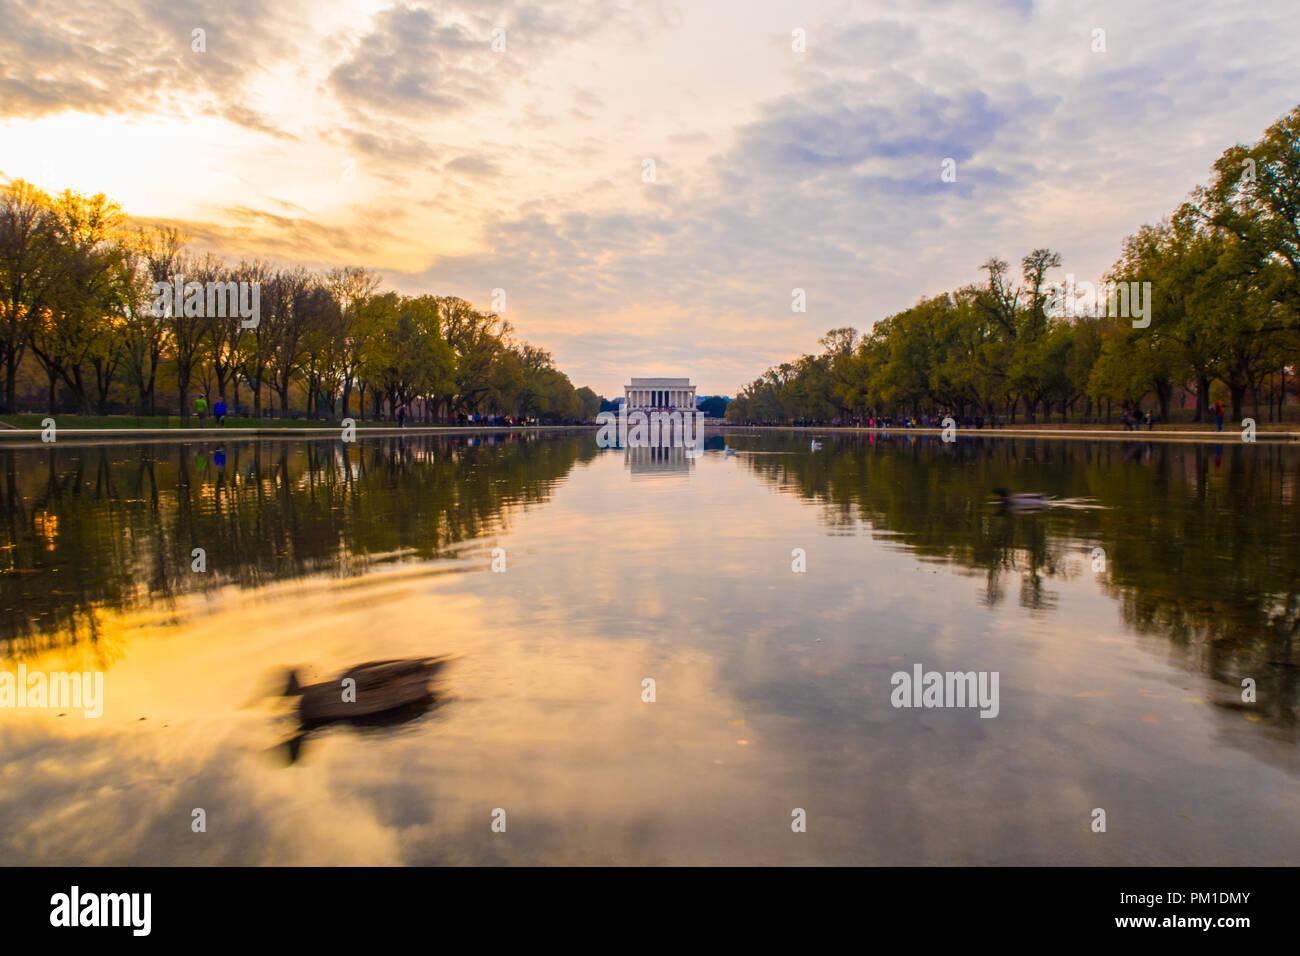 L'Abraham Lincoln Memorial à travers le miroir d'eau. Washington DC, USA. Une vue sur le Mémorial de Lincoln à partir de l'ensemble du miroir d'eau. Banque D'Images